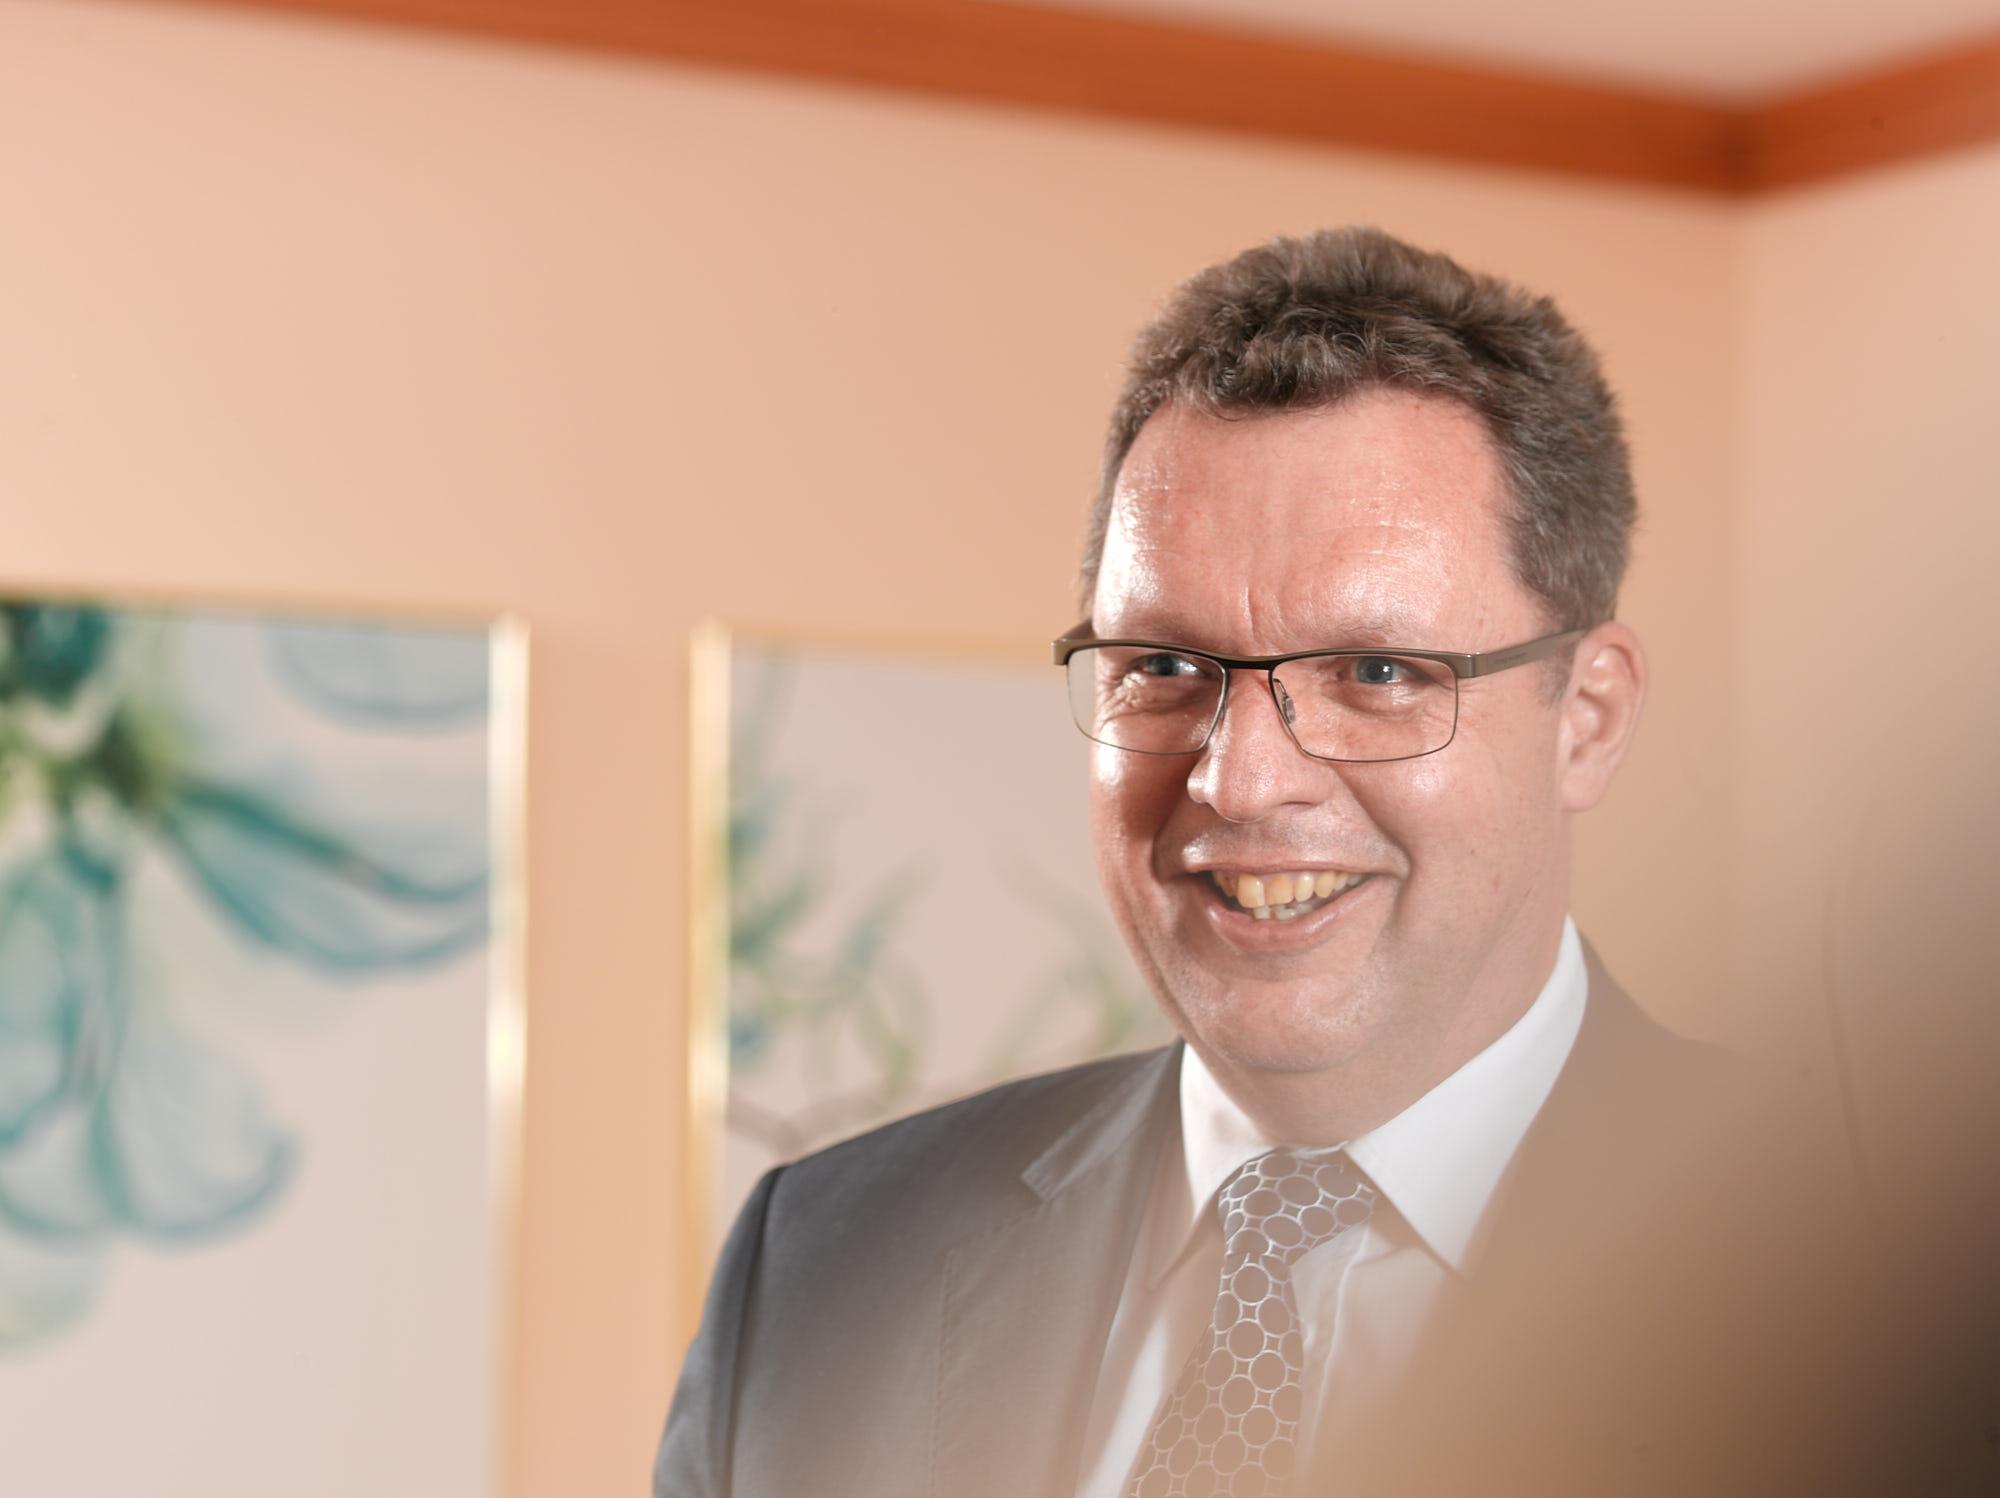 Rail.S Stellvertreter des Vorstandsvorsitzenden Dr. Steffen Röhlig